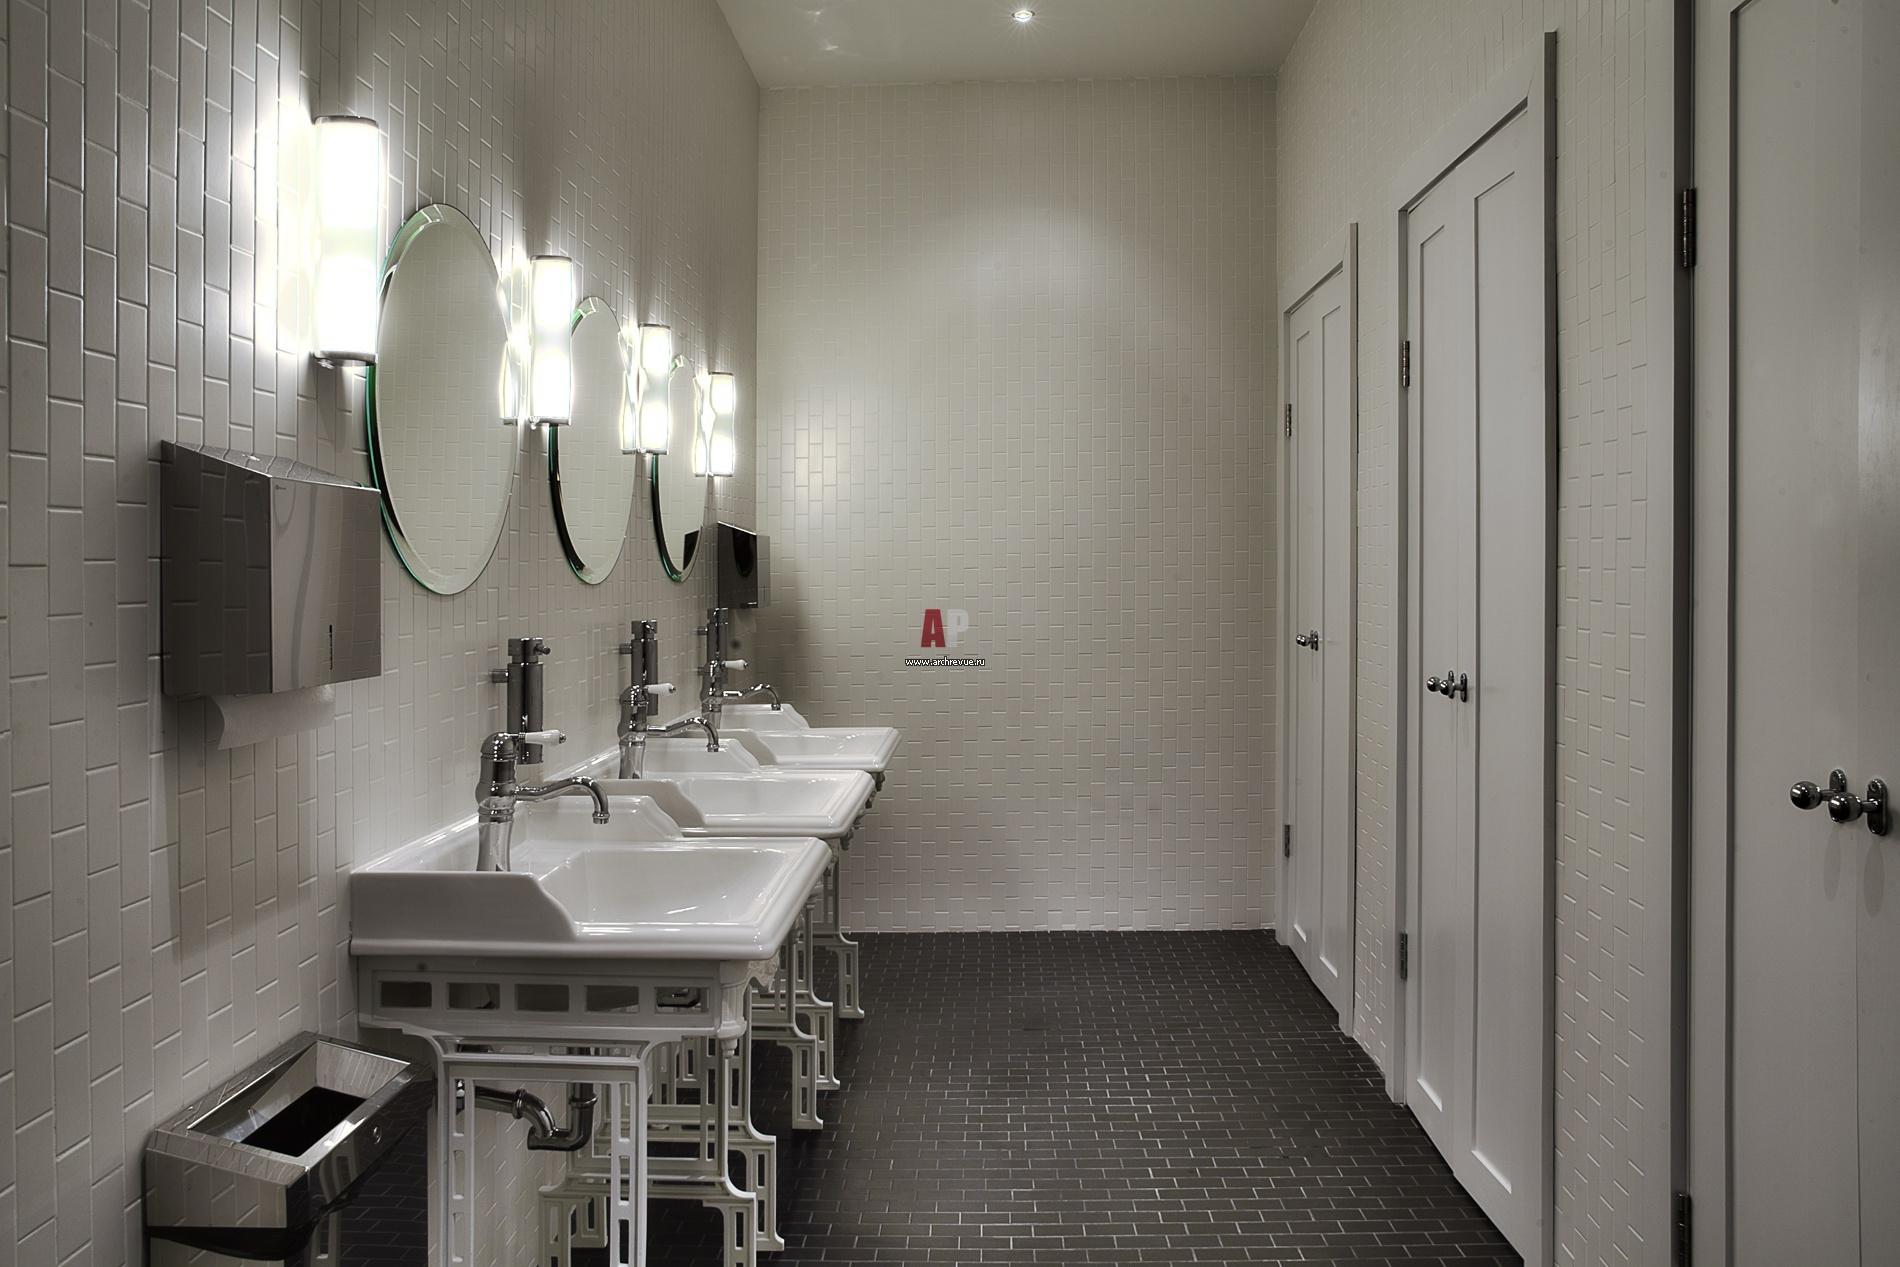 Туалеты в офисе, Туалет в офисе какаем и писаем на работе 26 фотография